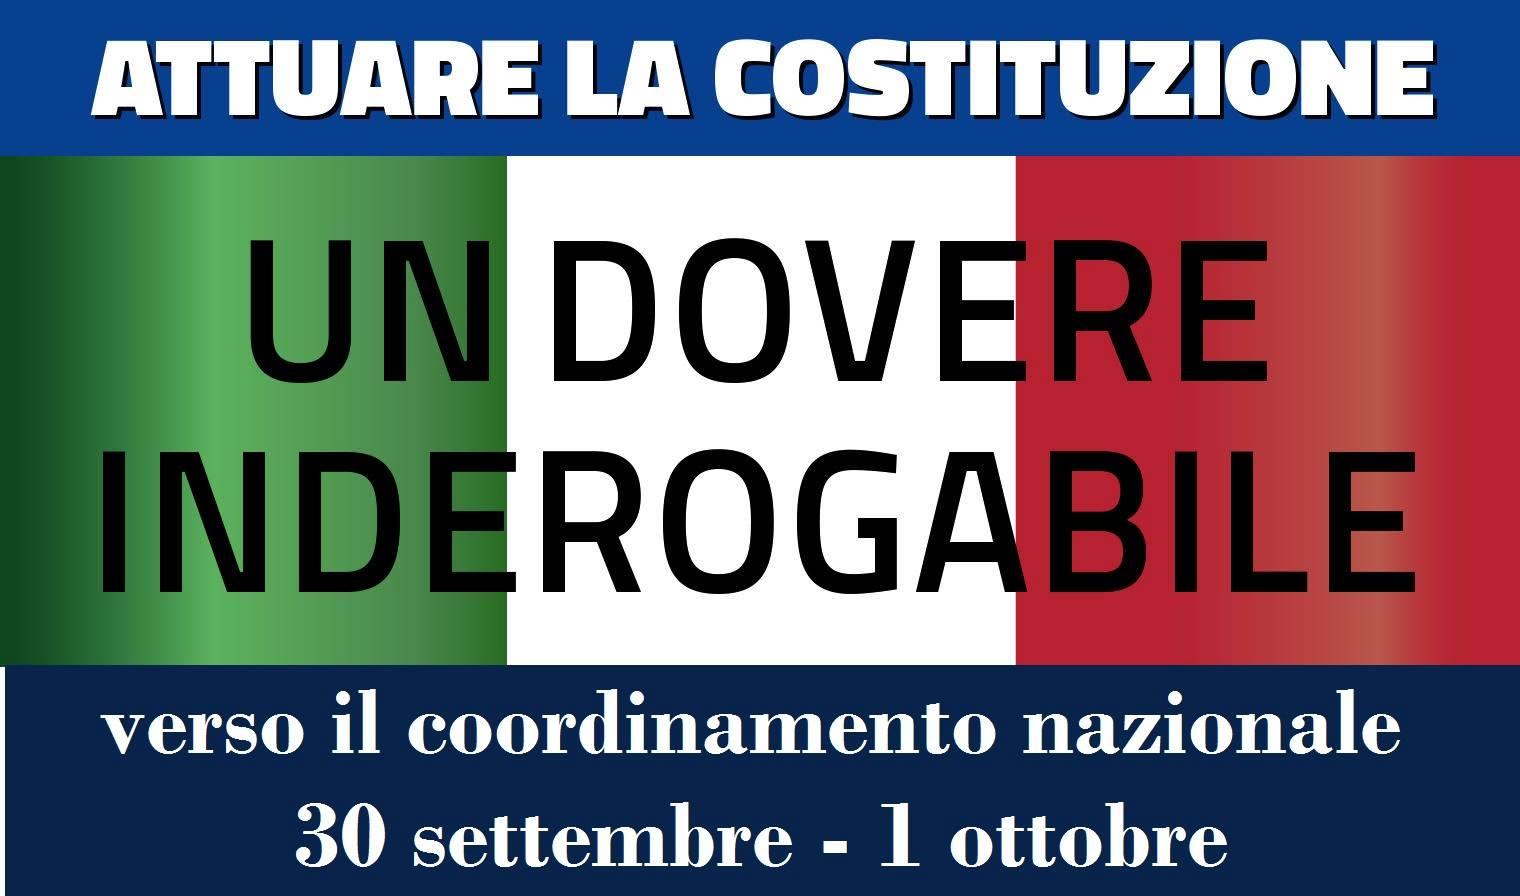 Paolo Maddalena lancia Attuare la Costituzione